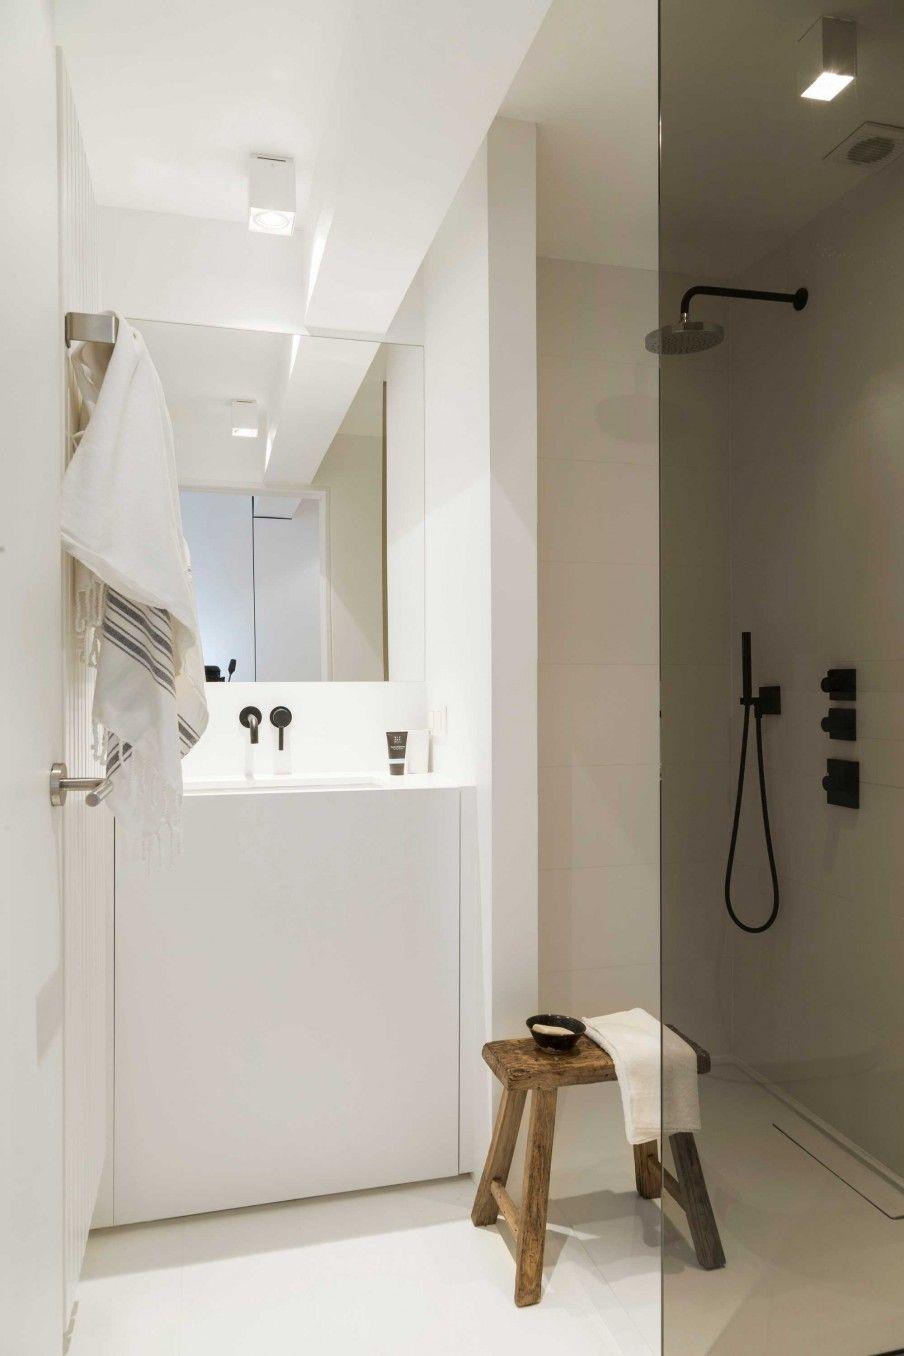 Douche Salle De Bain Bagno Pinterest Interiors Cottage Chic